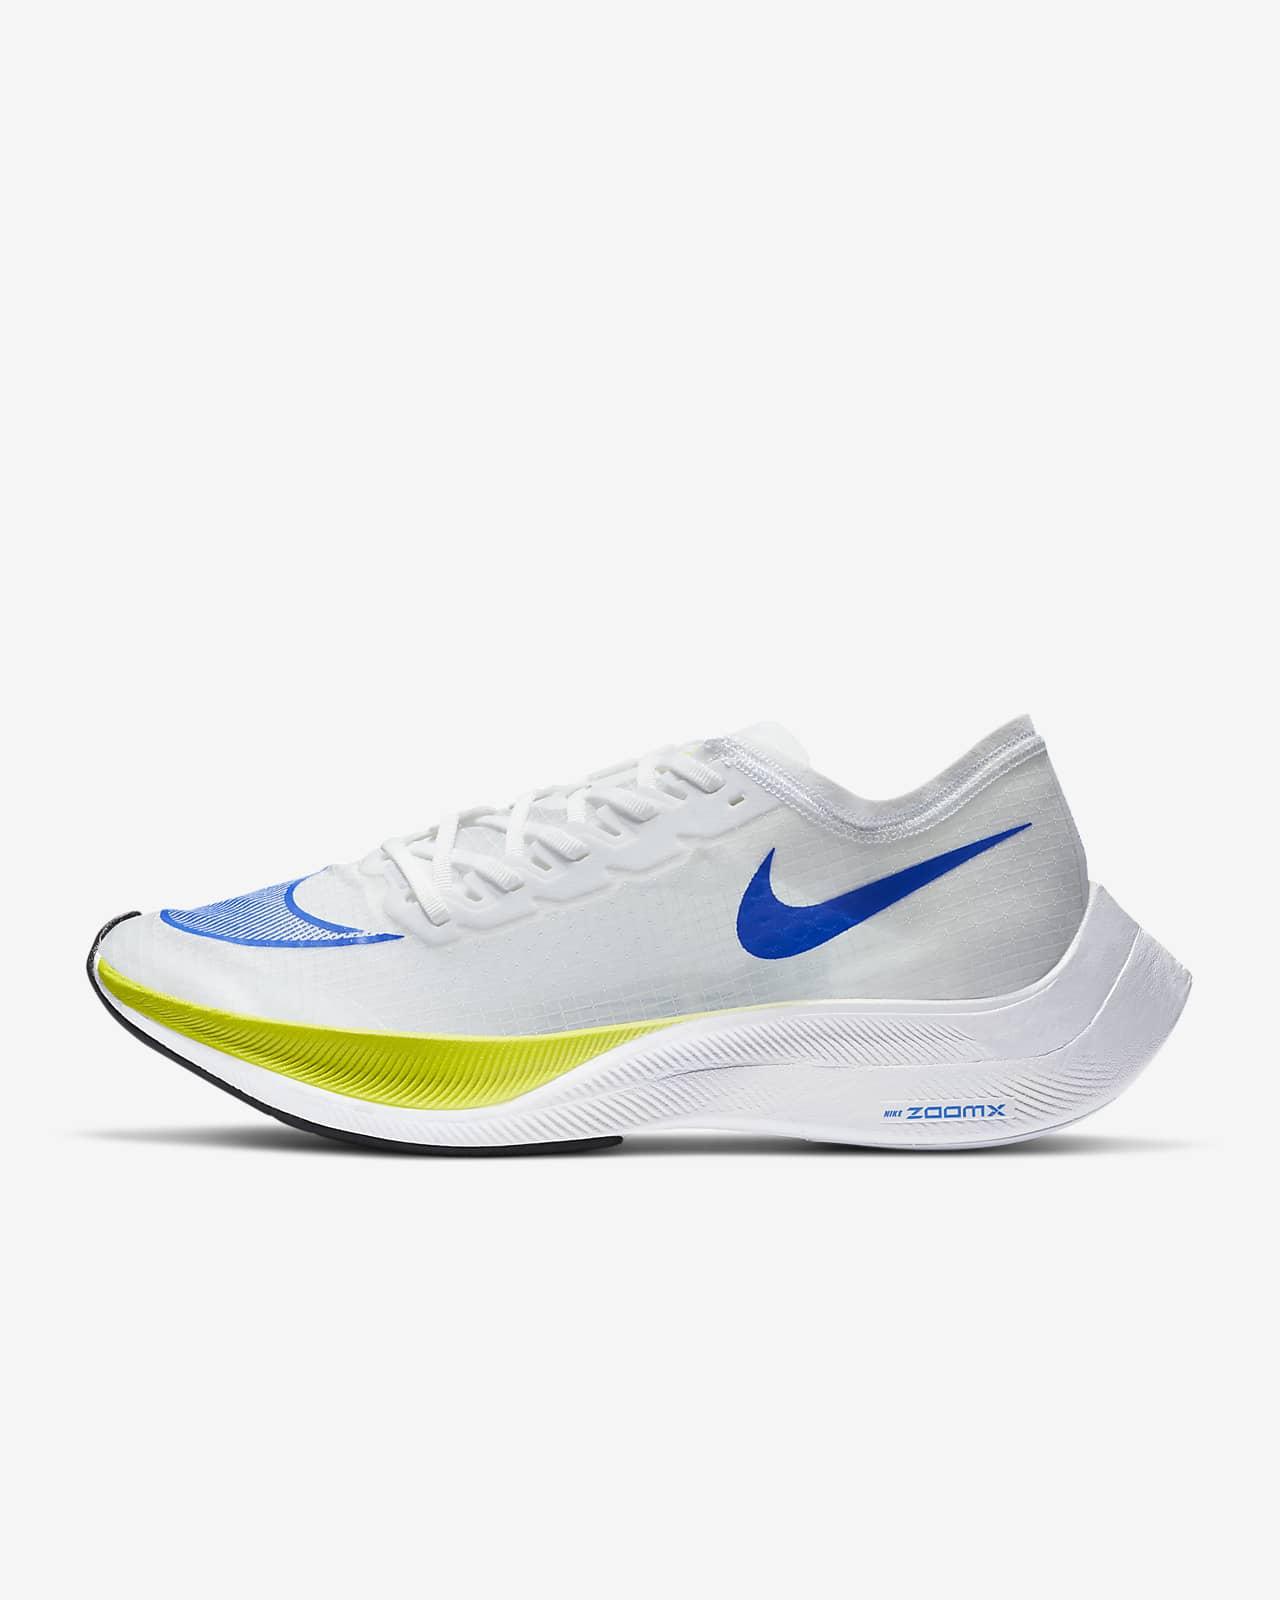 Παπούτσι για τρέξιμο Nike ZoomX Vaporfly NEXT%